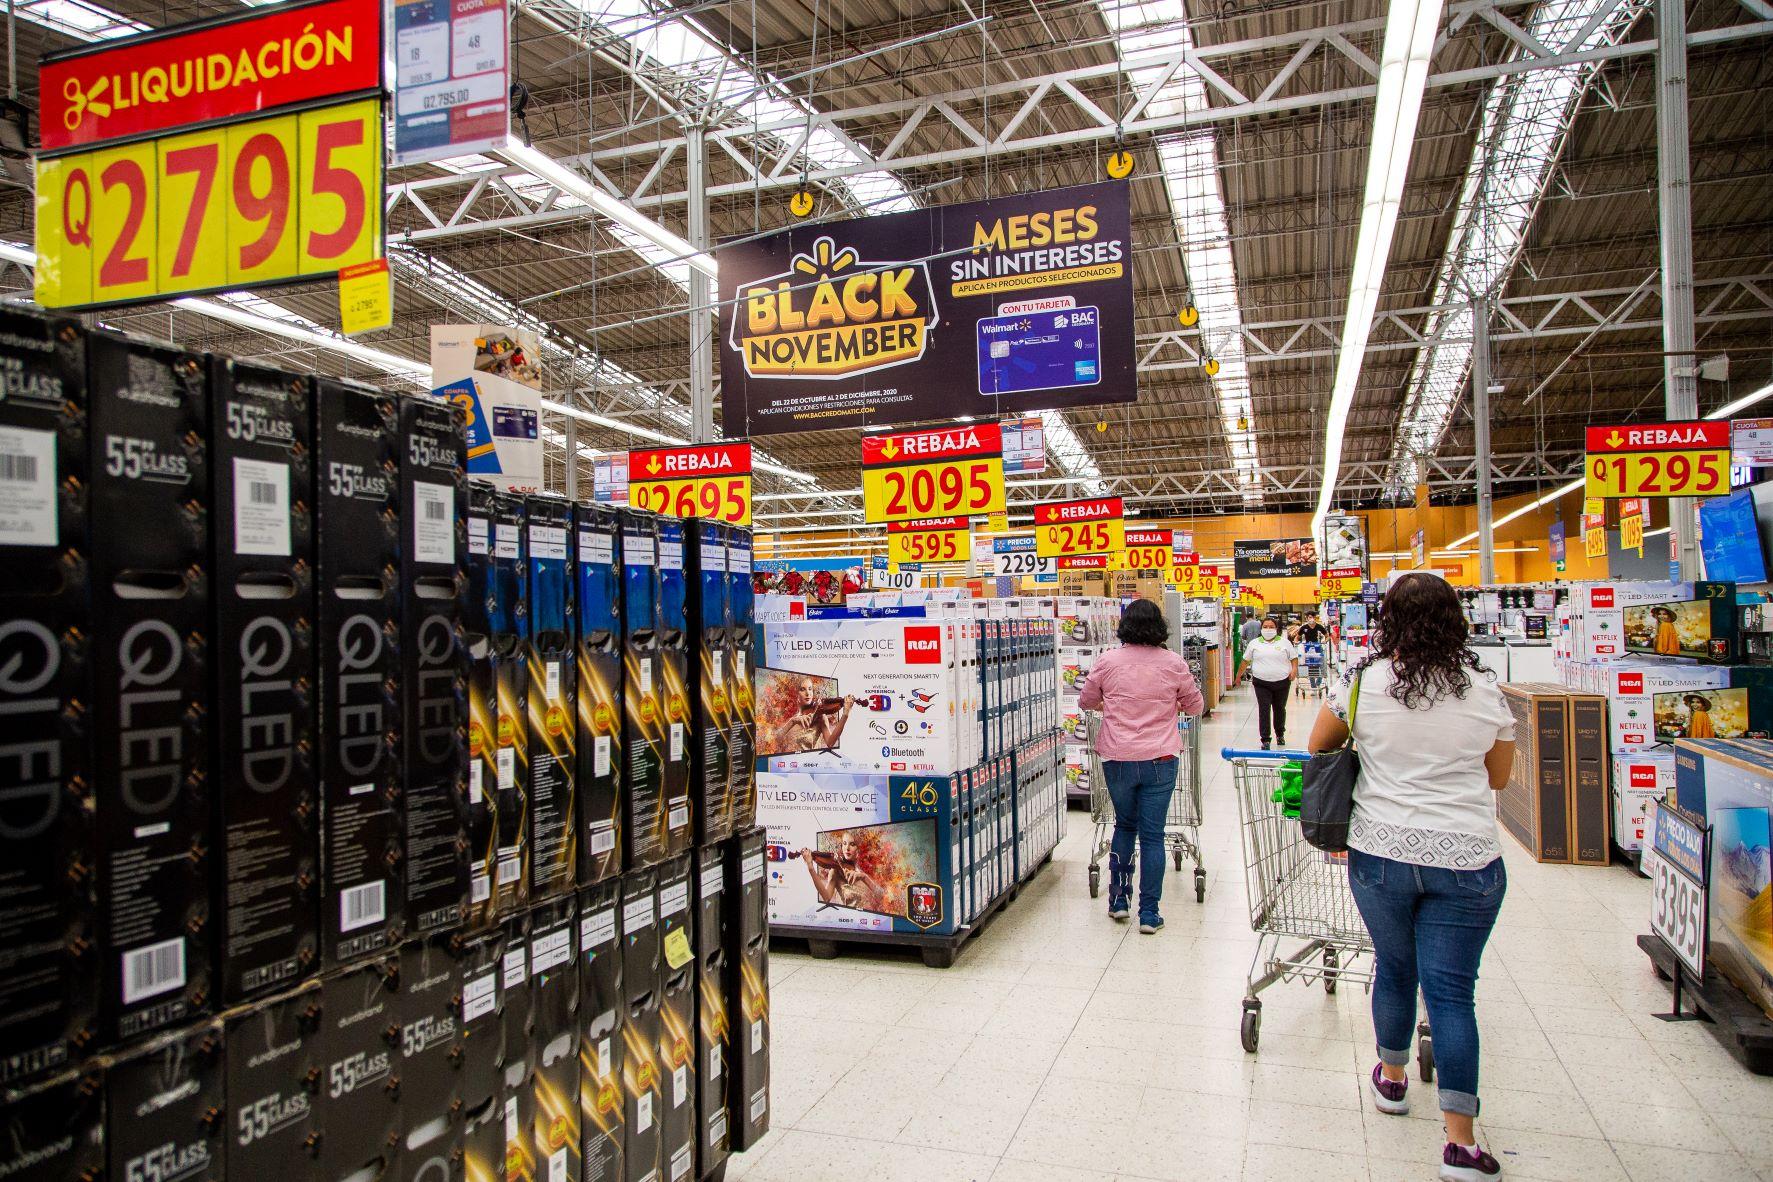 Walmart, Maxi Despensa y Paiz adelantan su Black November para el bienestar de las familias